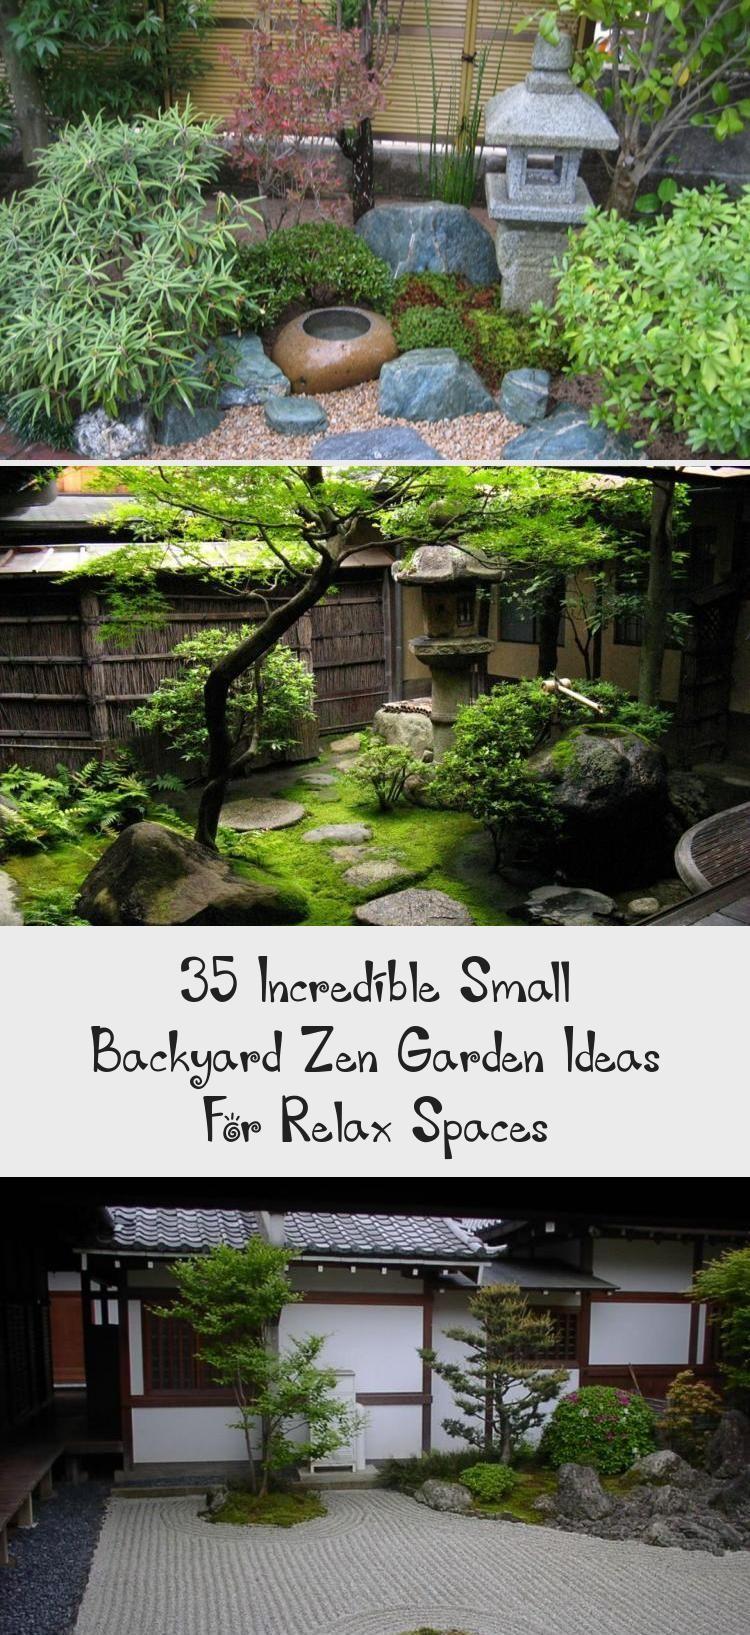 30 brillante Ideen für die Aufbewahrung kleiner Gartenhäuser  GooDSGN shed landscaping shed storage shed landscaping landscaping design landscaping flower beds...